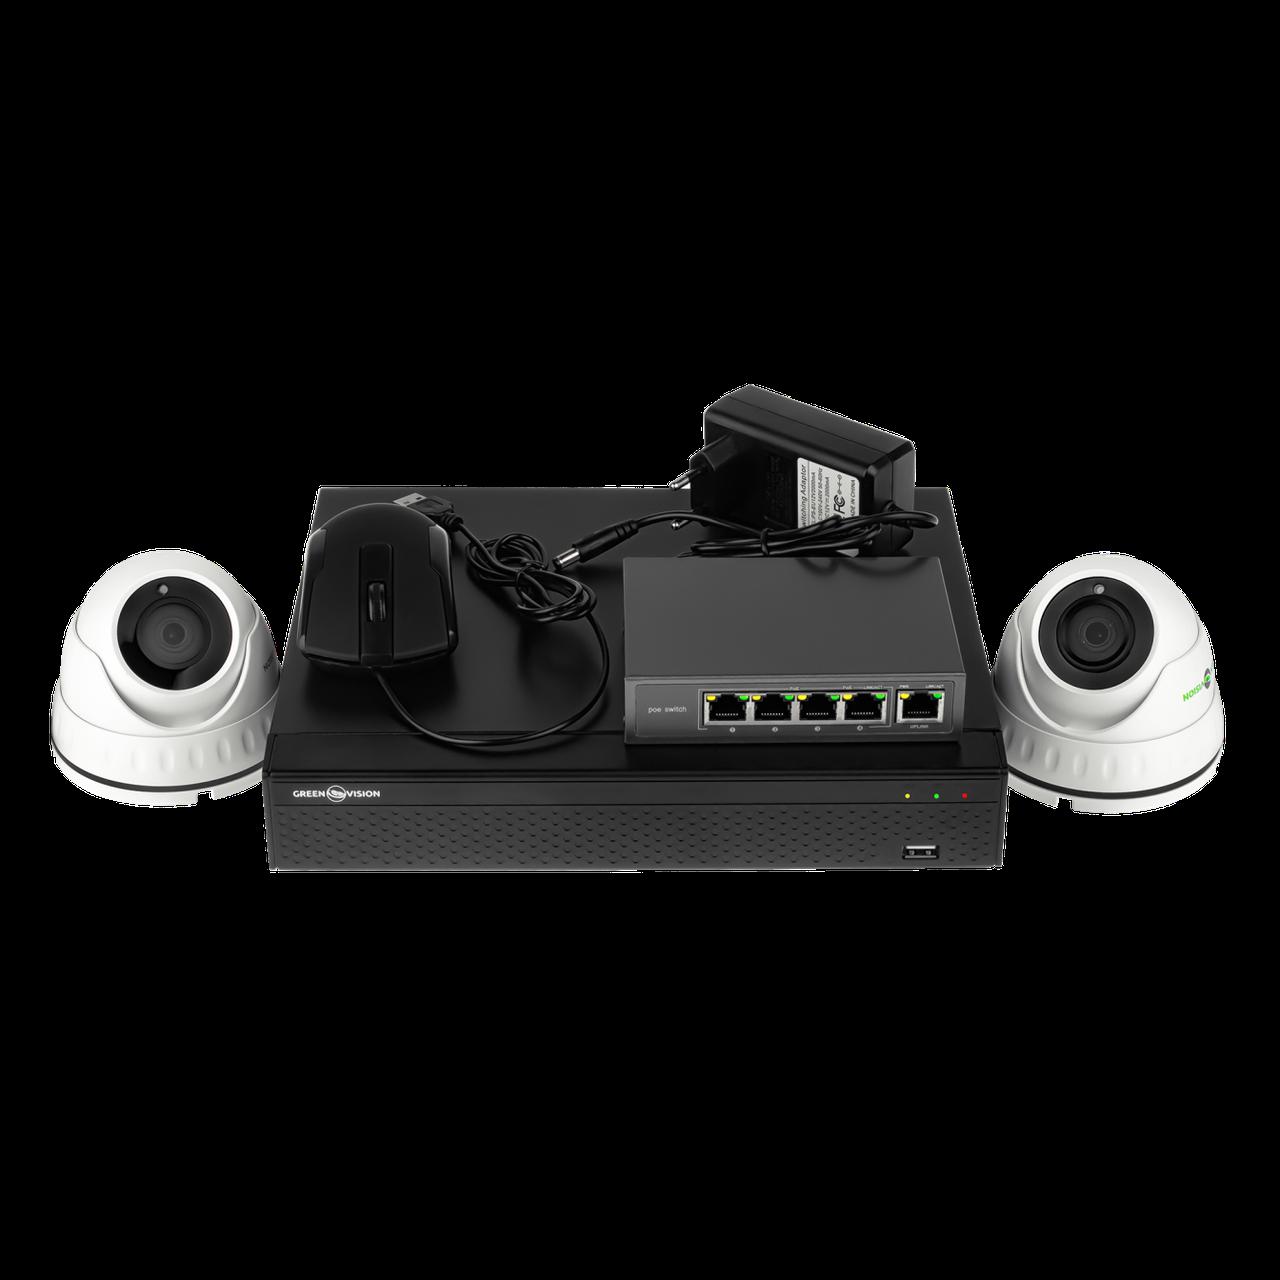 Комплект видеонаблюдения Green Vision GV-IP-K-L24/02 1080P